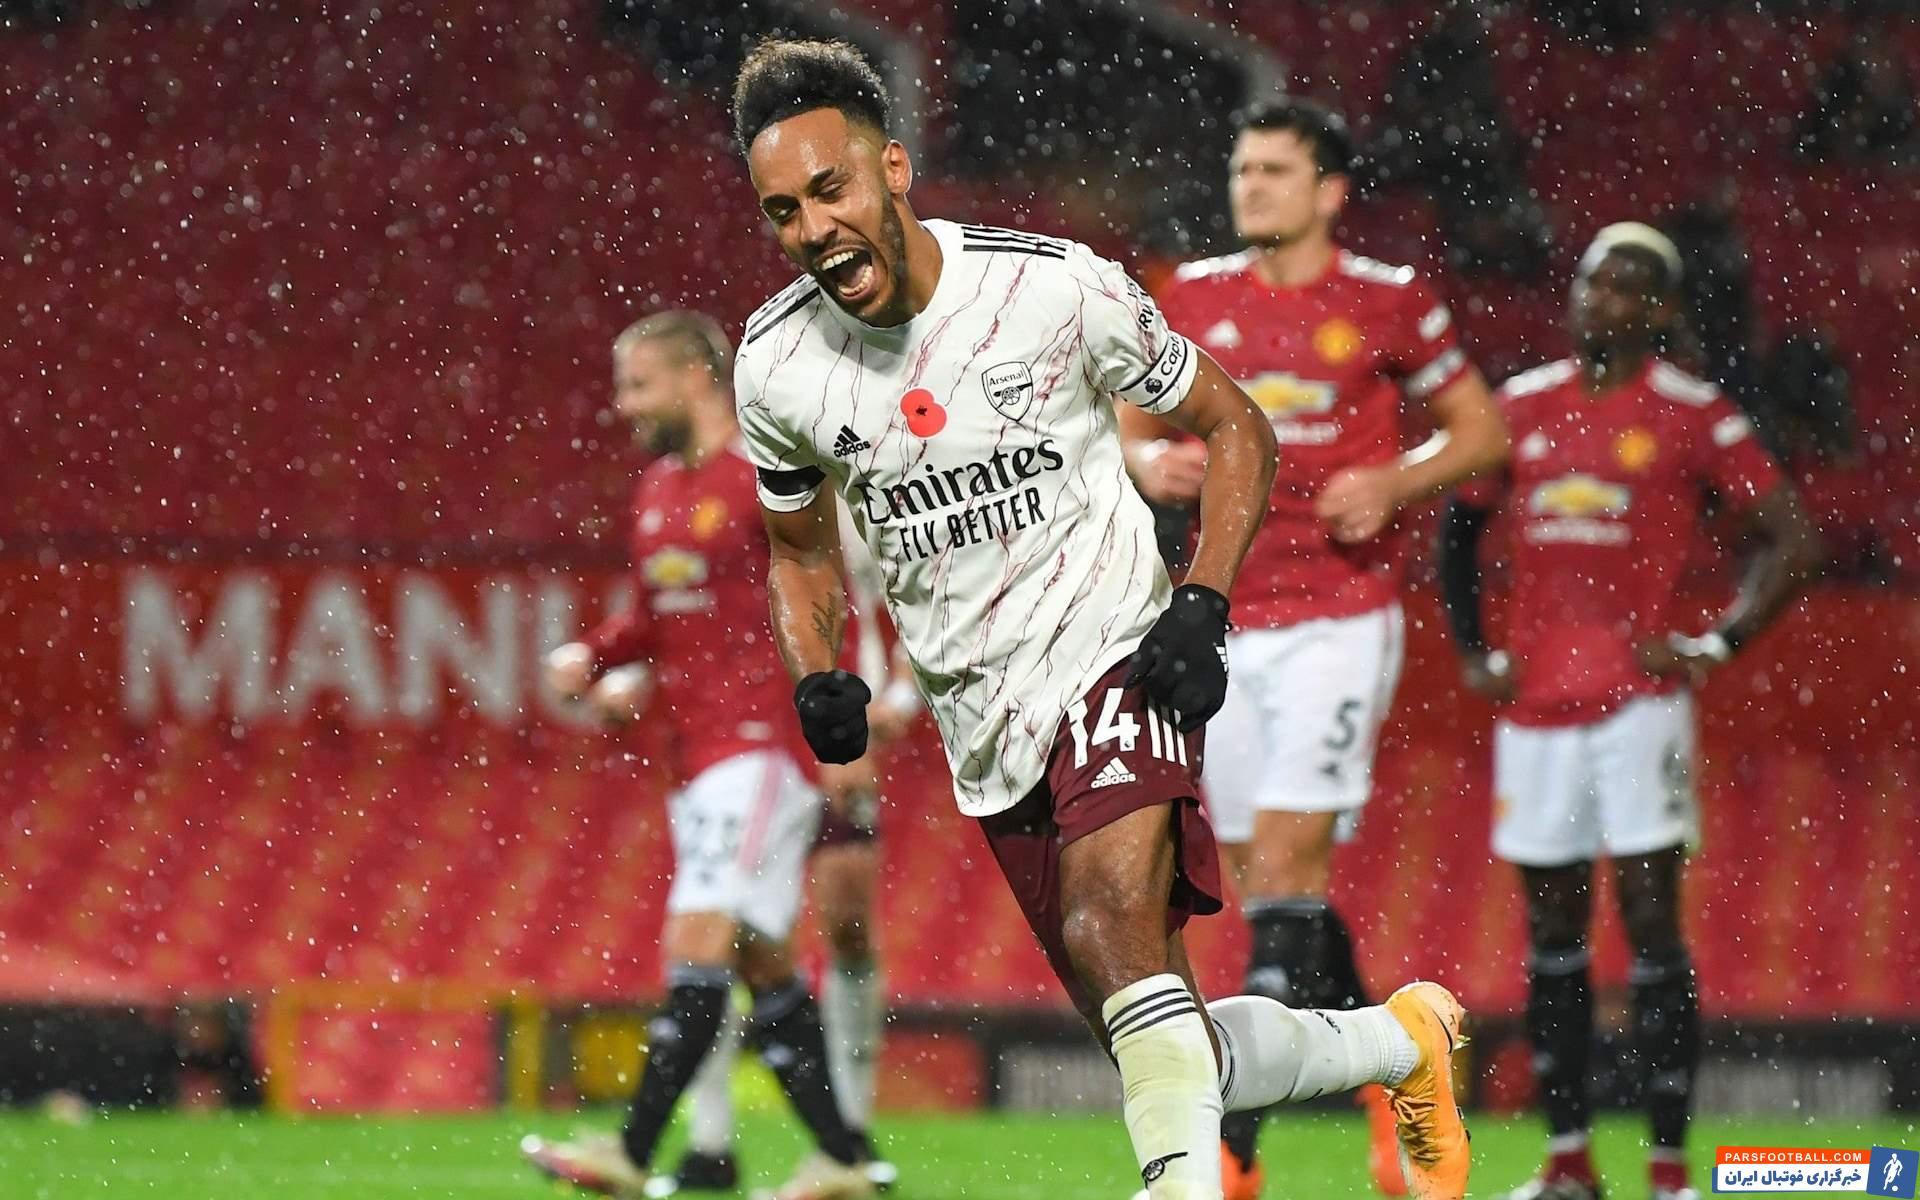 شکست تلخ منچستر یونایتد در خانه مقابل آرسنال در مهم ترین بازی هفته هفتم لیگ برتر